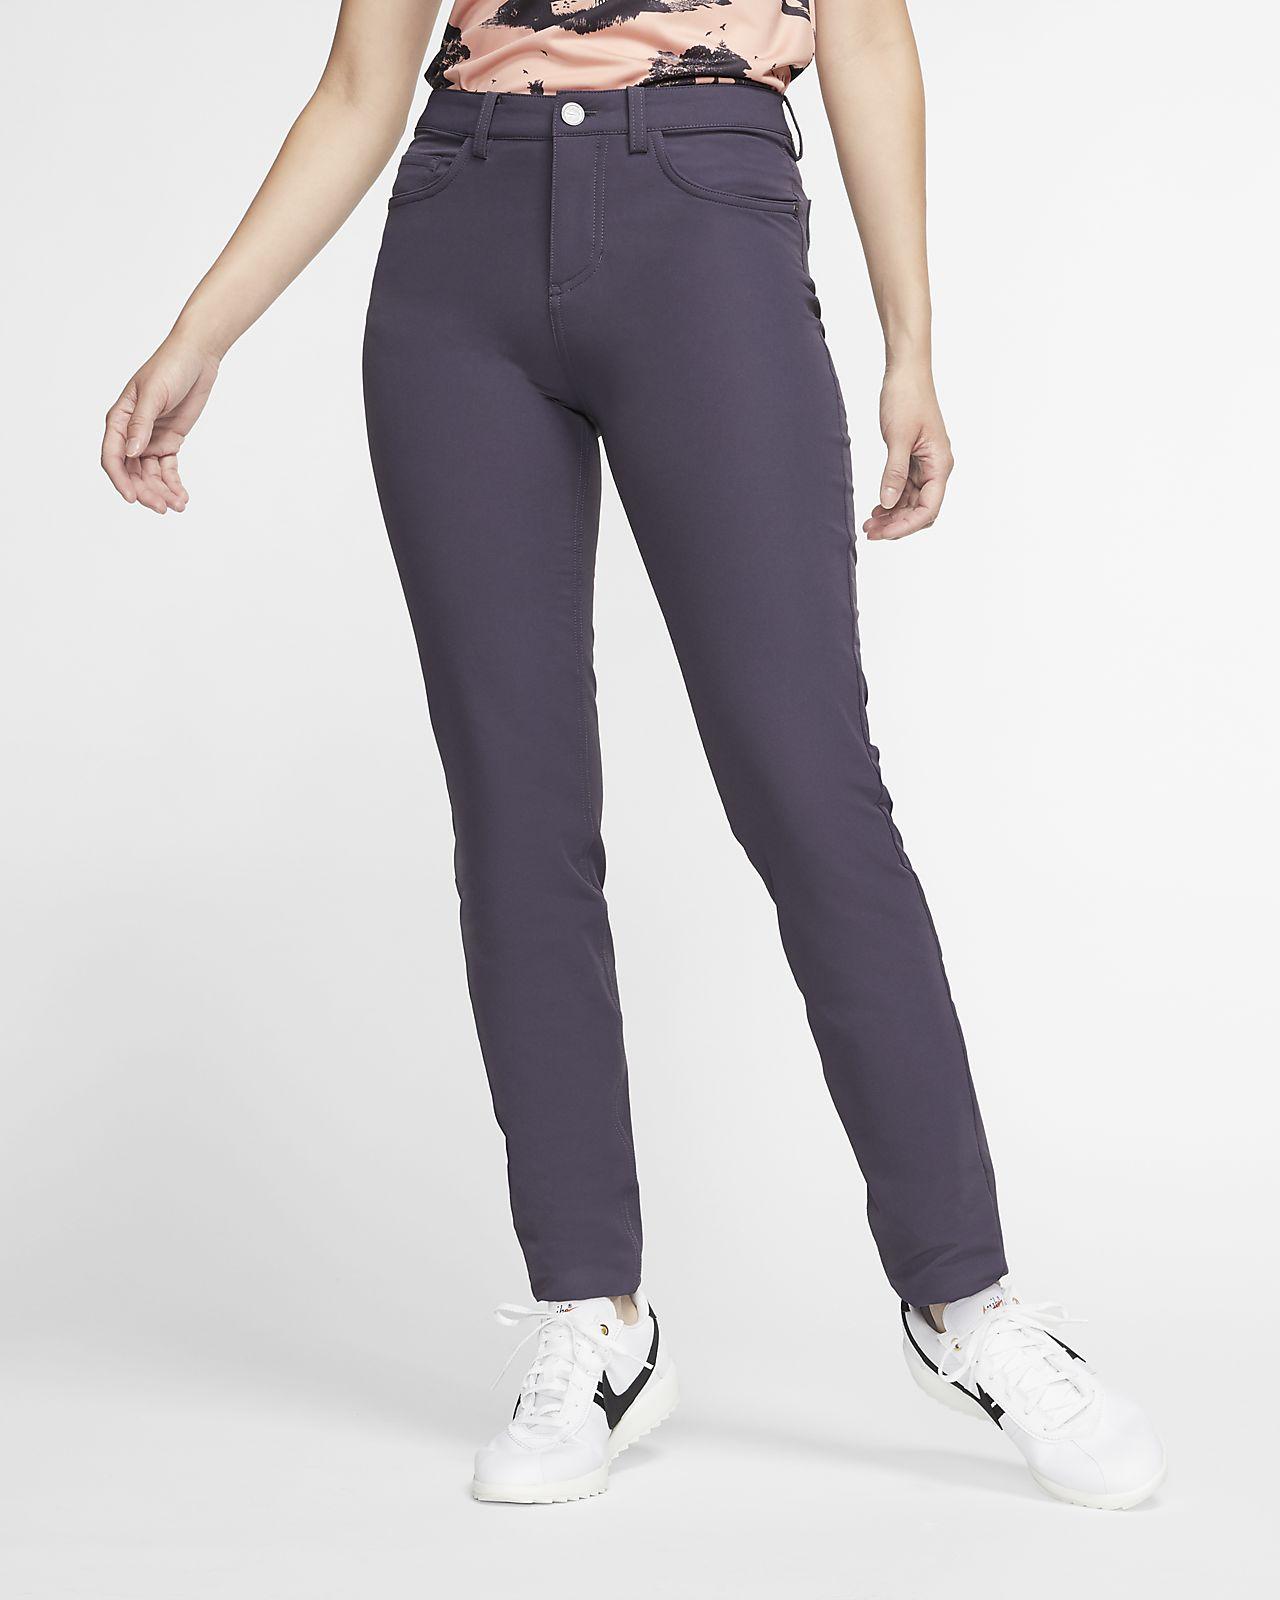 nike pantalon golf femme